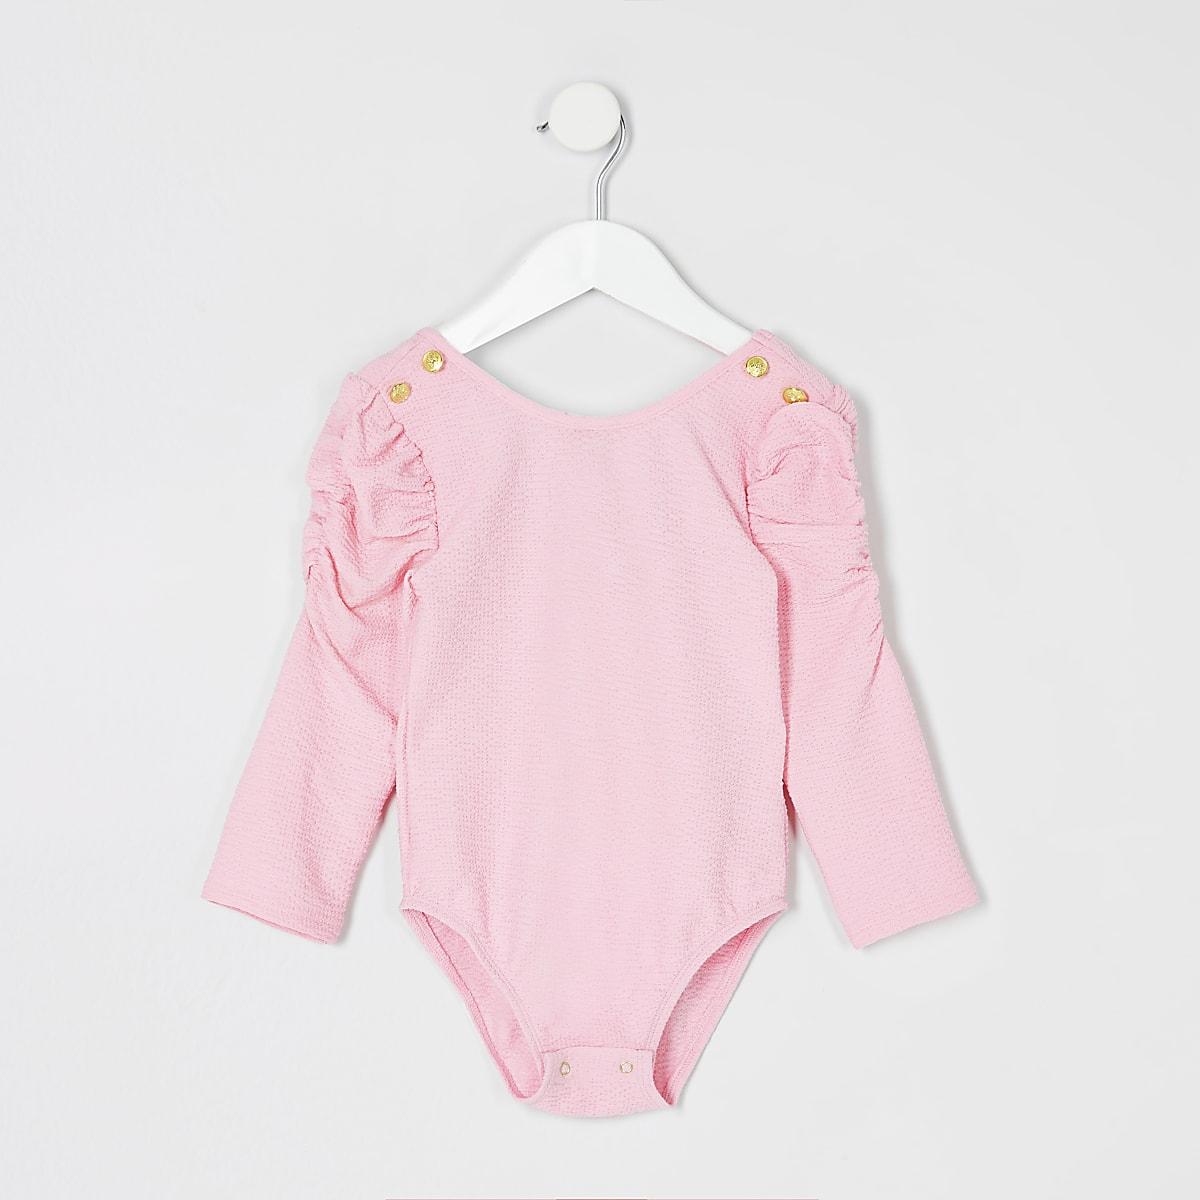 Mini - Roze bodysuit met lange mouwen en textuur voor meisjes